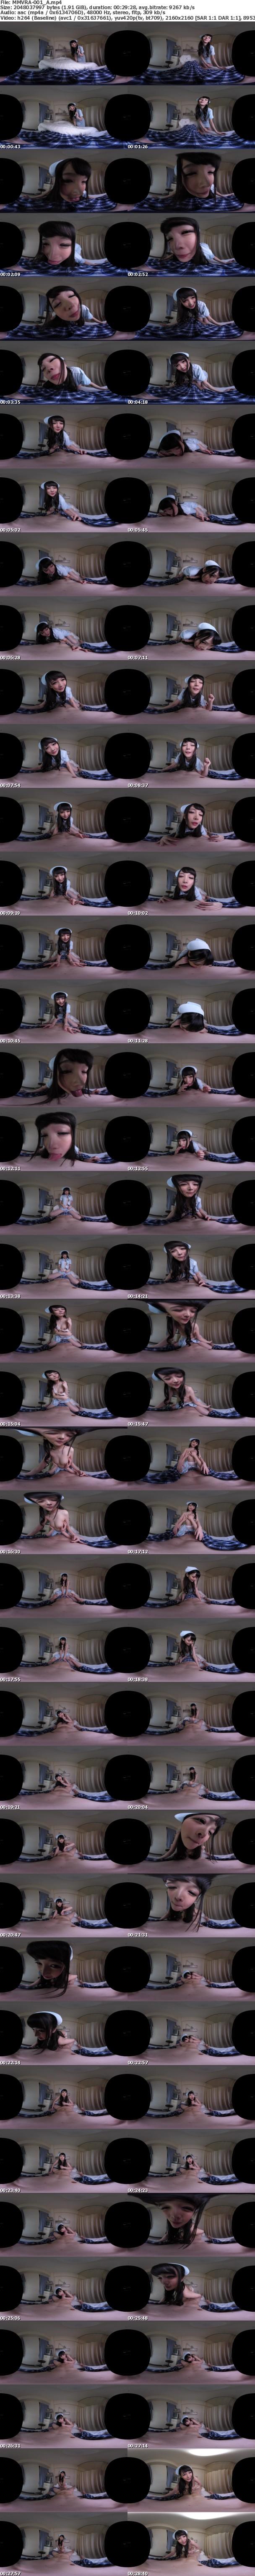 VR/3D [MMVRA-001] 【VR】≪囁きボイス≫カノジョの勤務している病院に入院したら夜勤のカノジョがこっそり来た